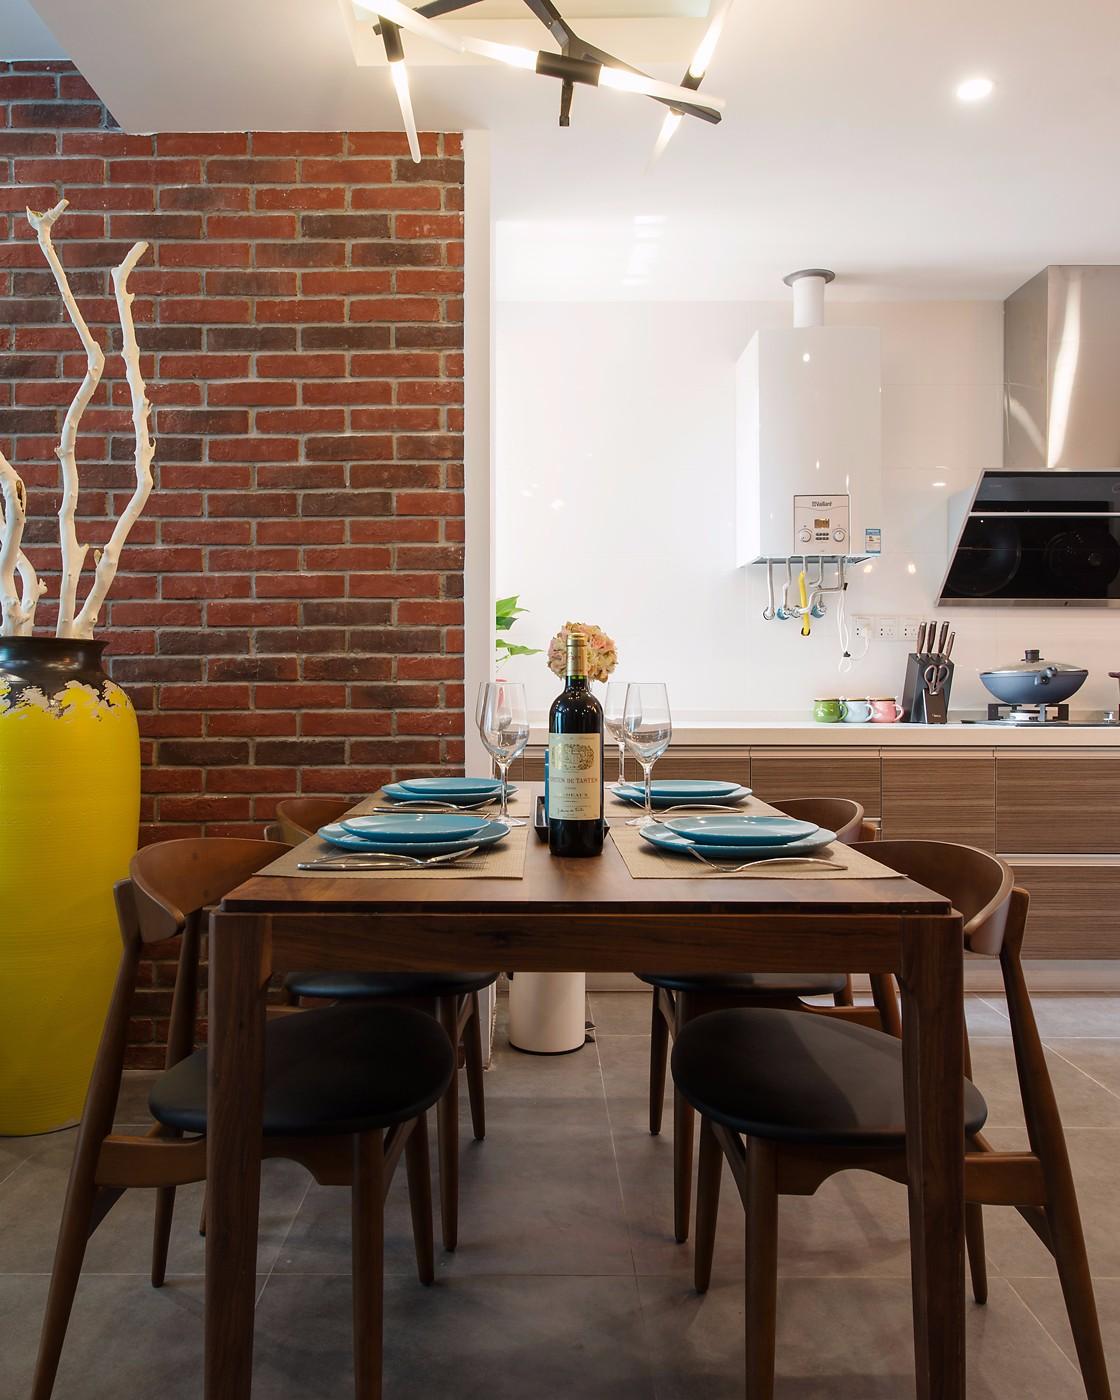 二居室混搭风格餐厅装修效果图